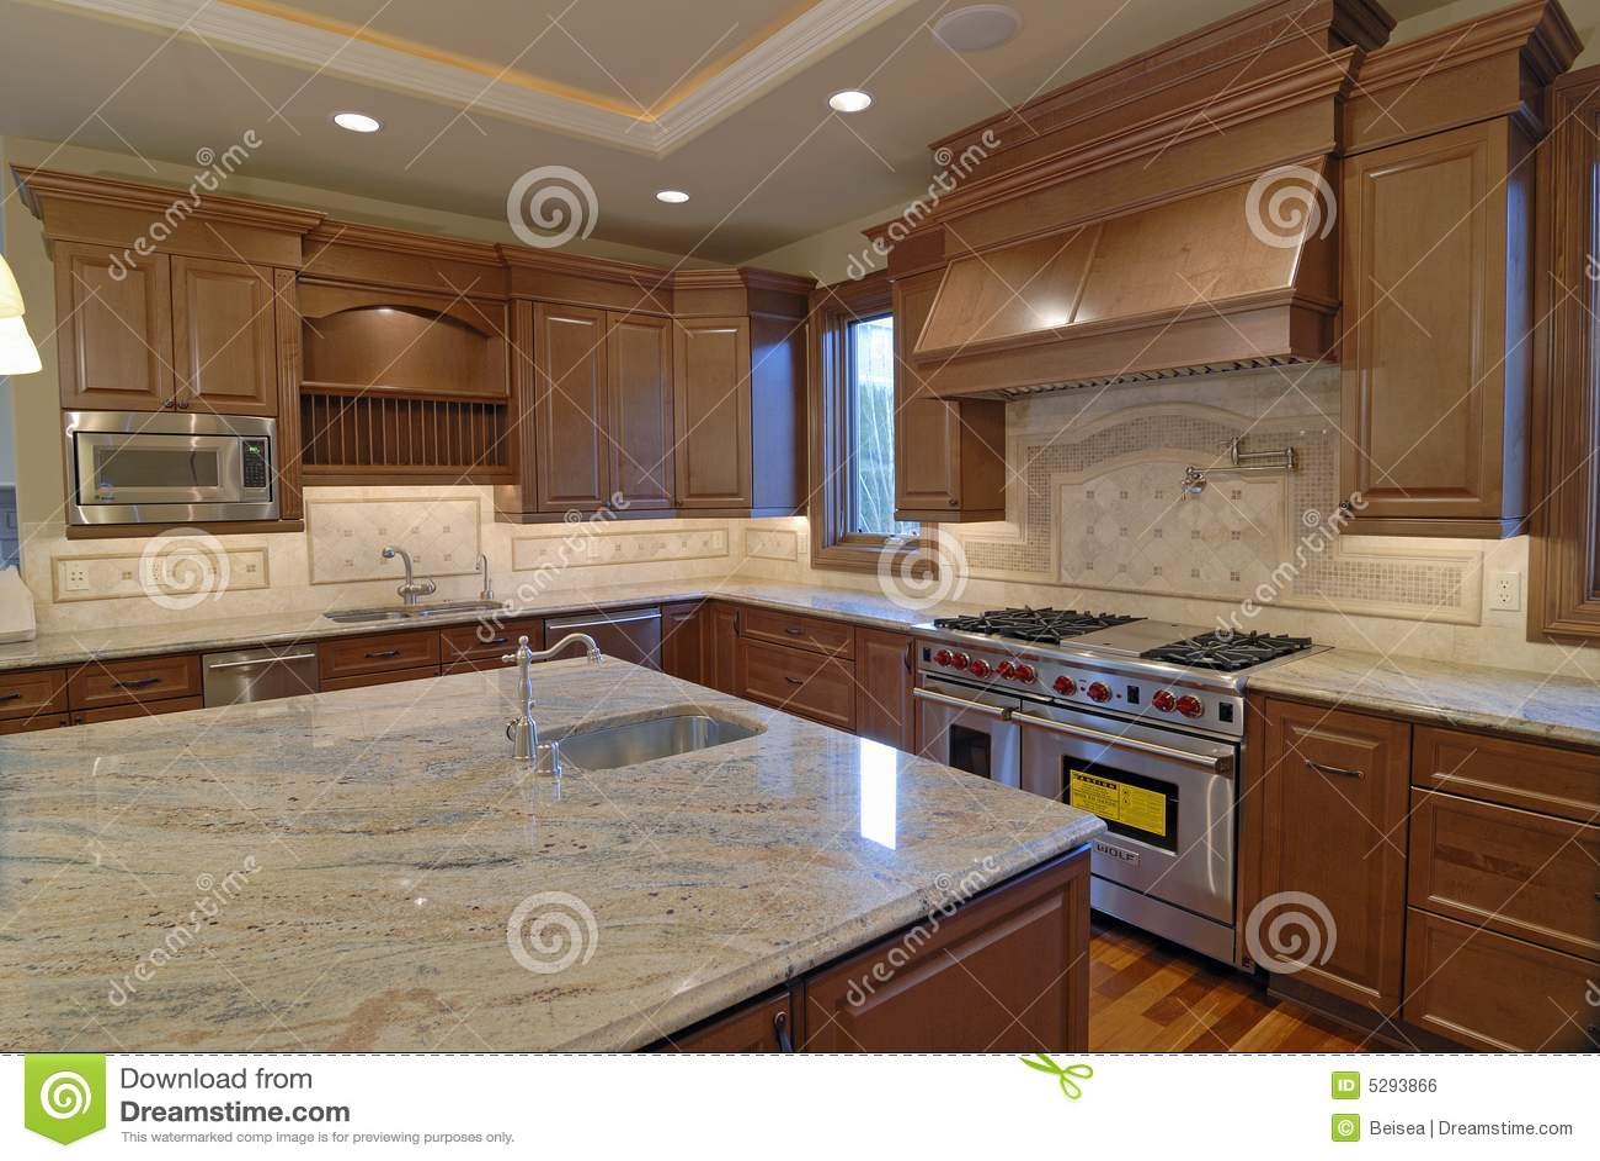 Küche-Insel stockfoto. Bild von marmor, wand, struktur - 5293866